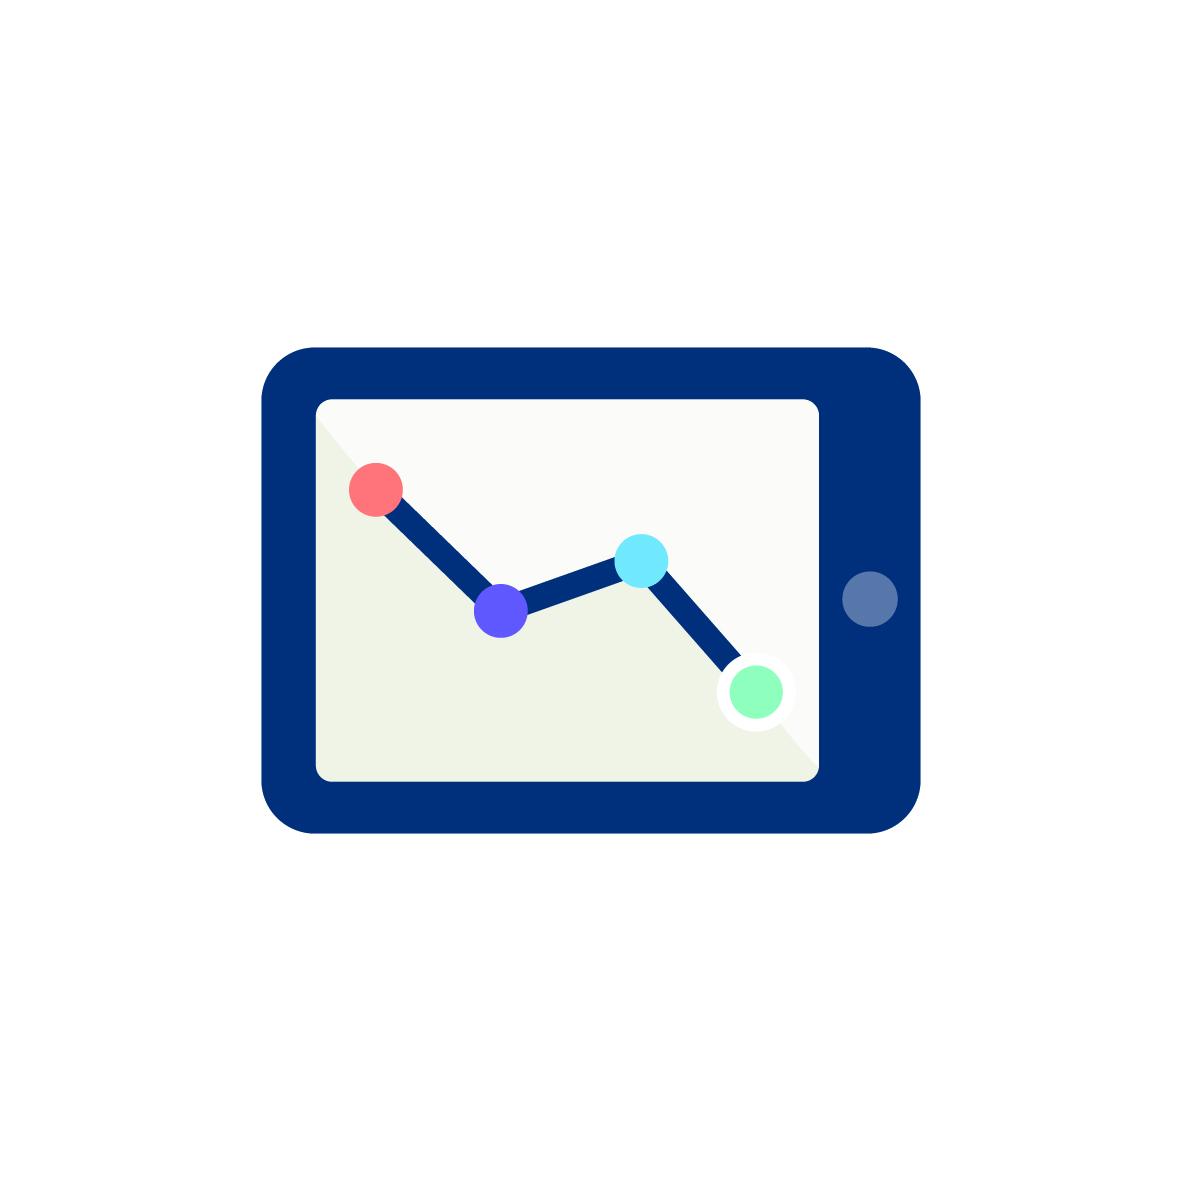 Tablet pictogram